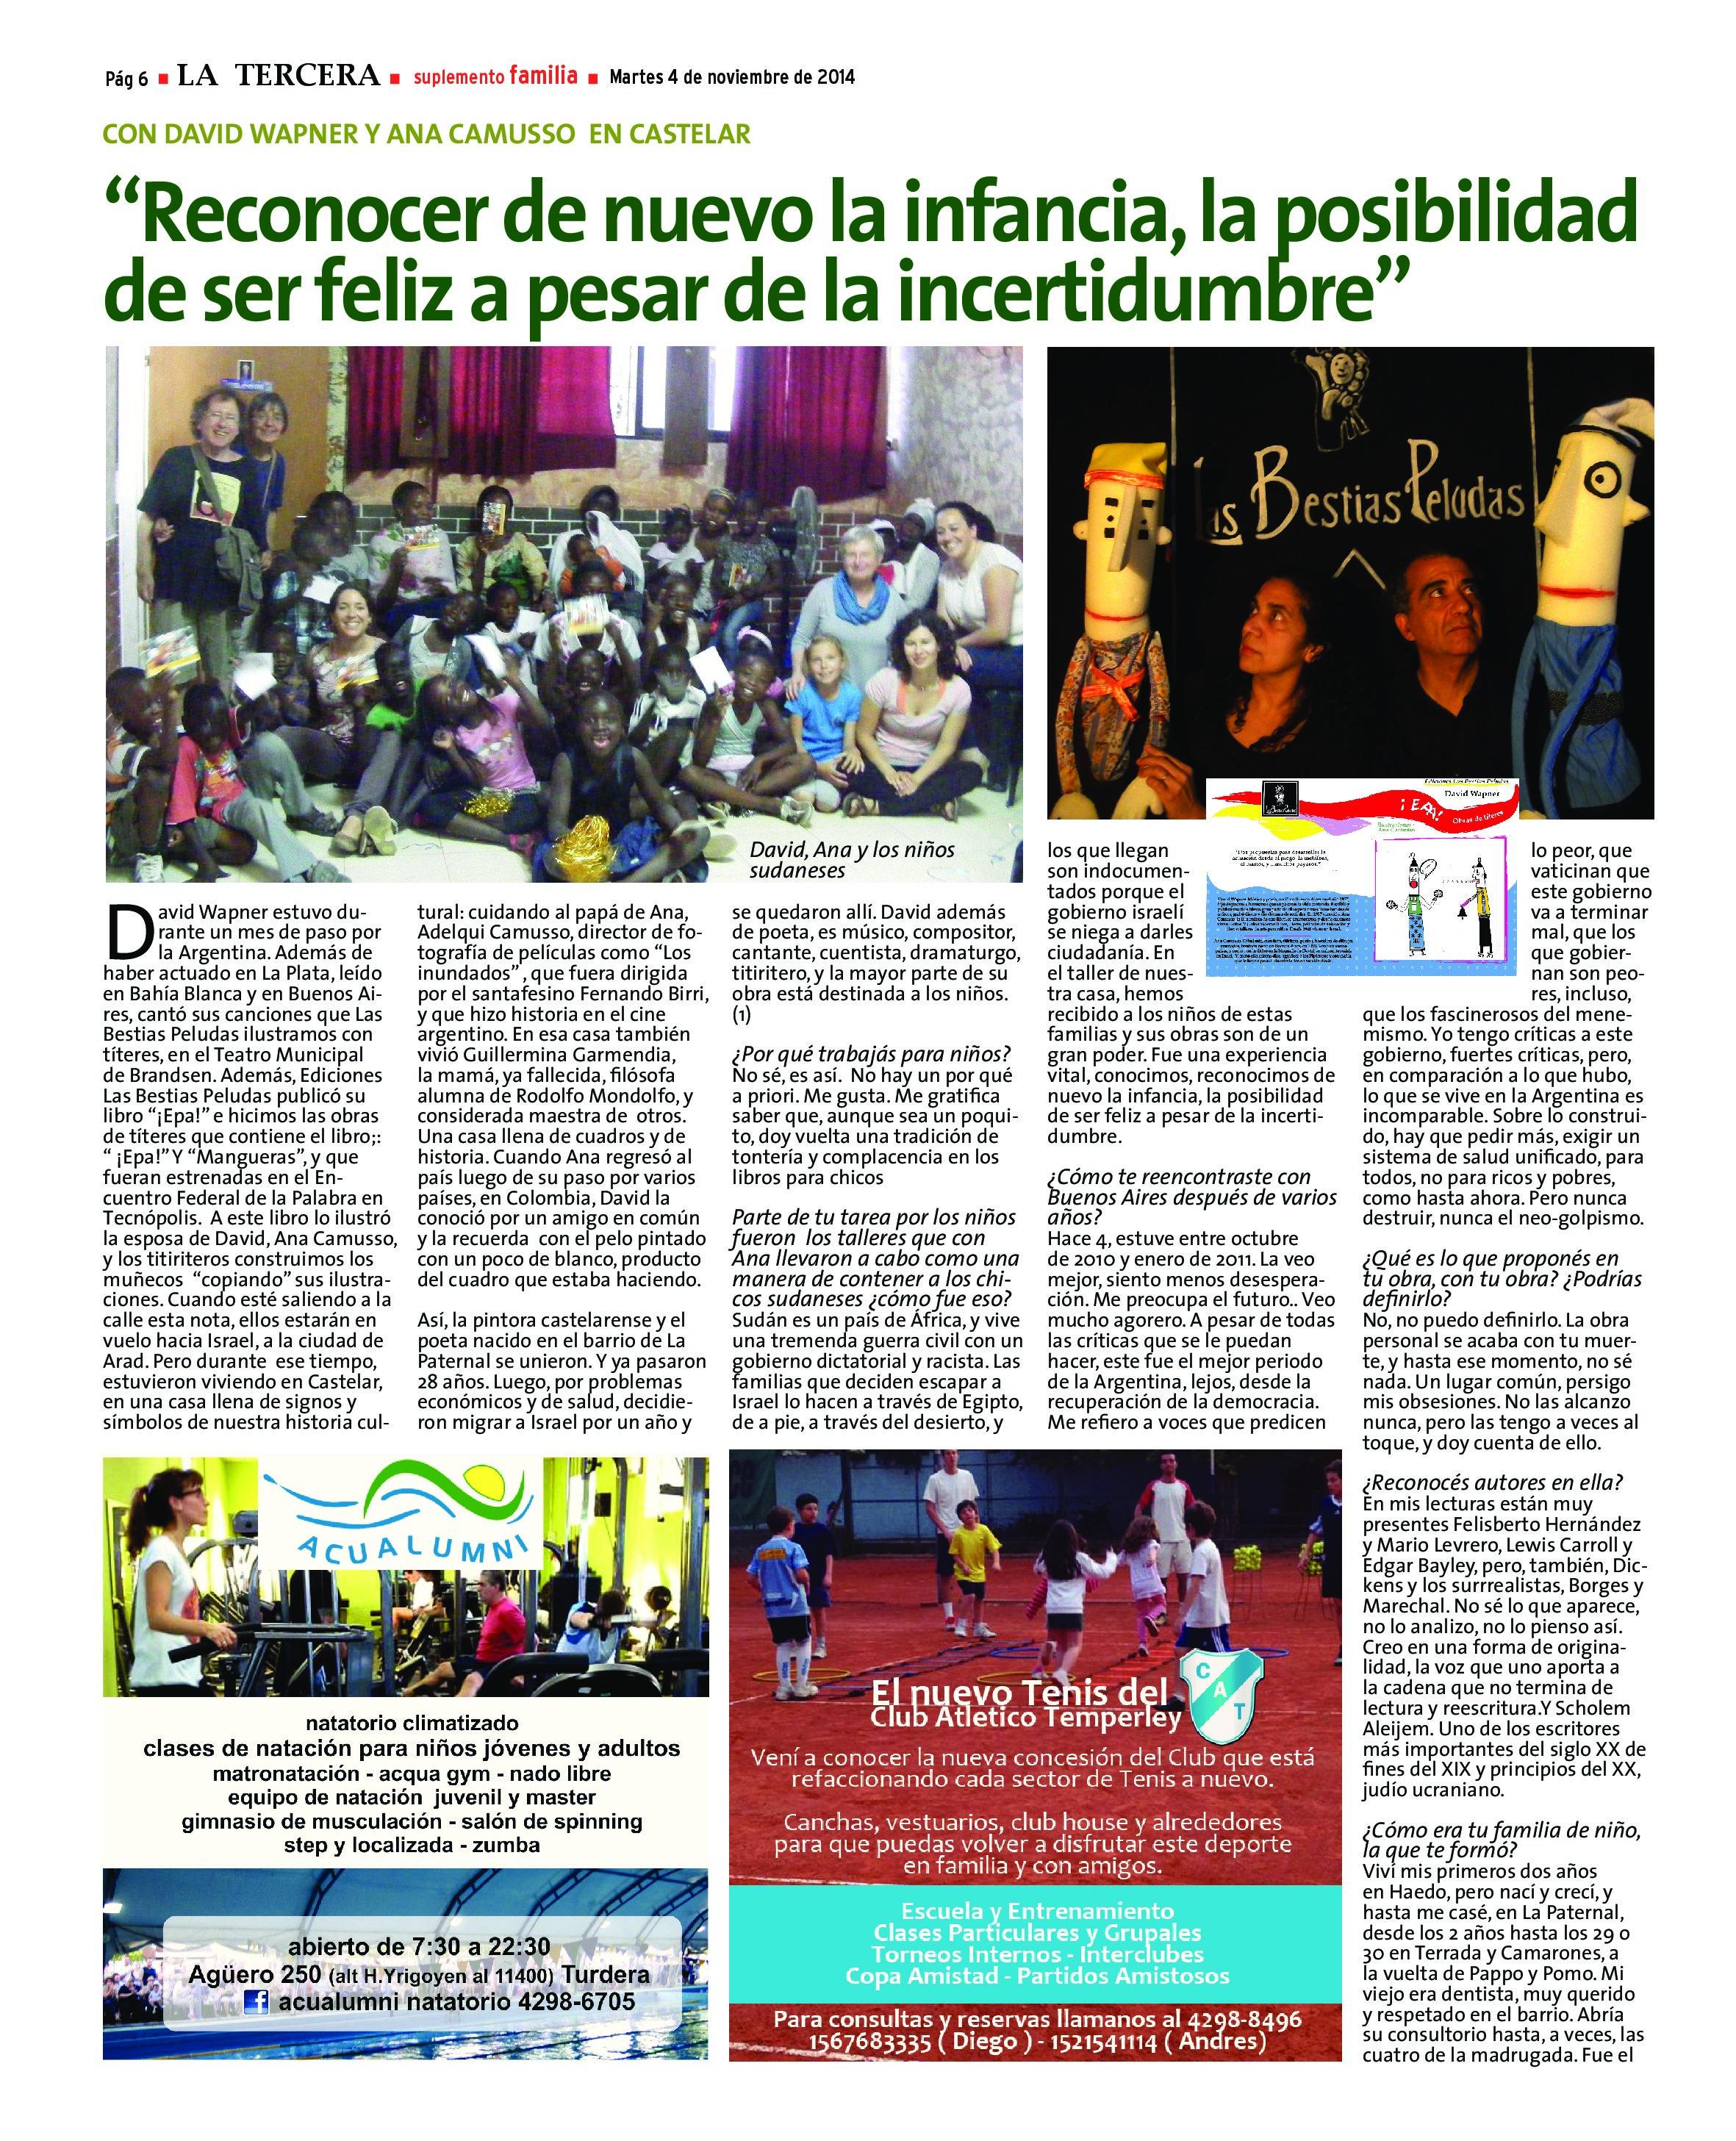 David Wapner Diario La Tercera